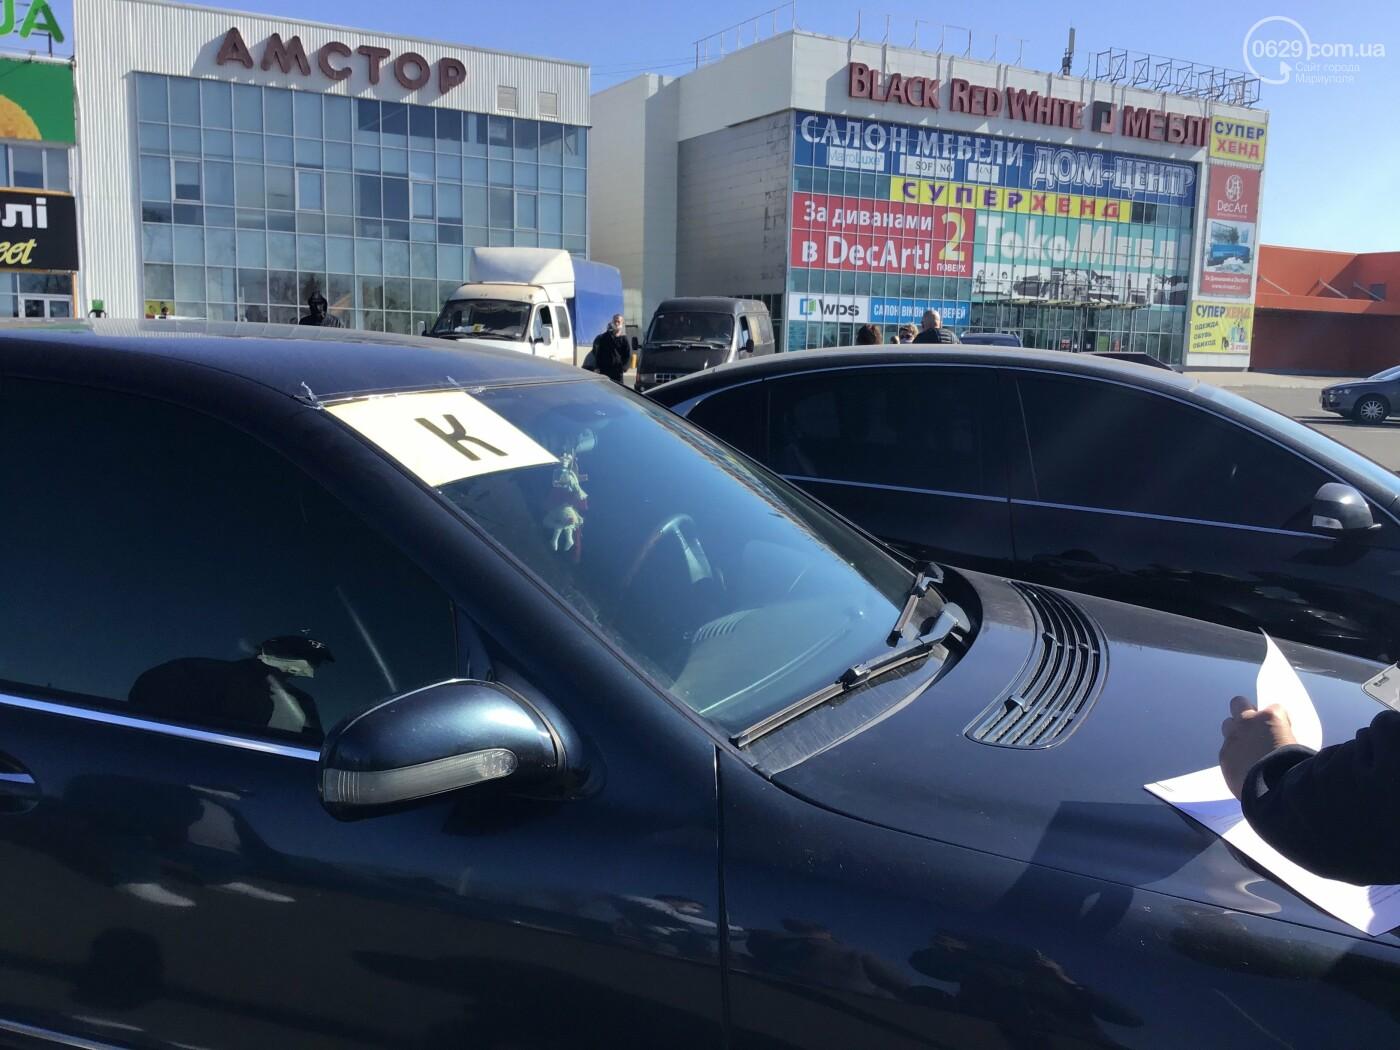 Автопробег в поддержку малого бизнеса: в Мариуполе митинговали машины, - ФОТО, ВИДЕО, фото-10